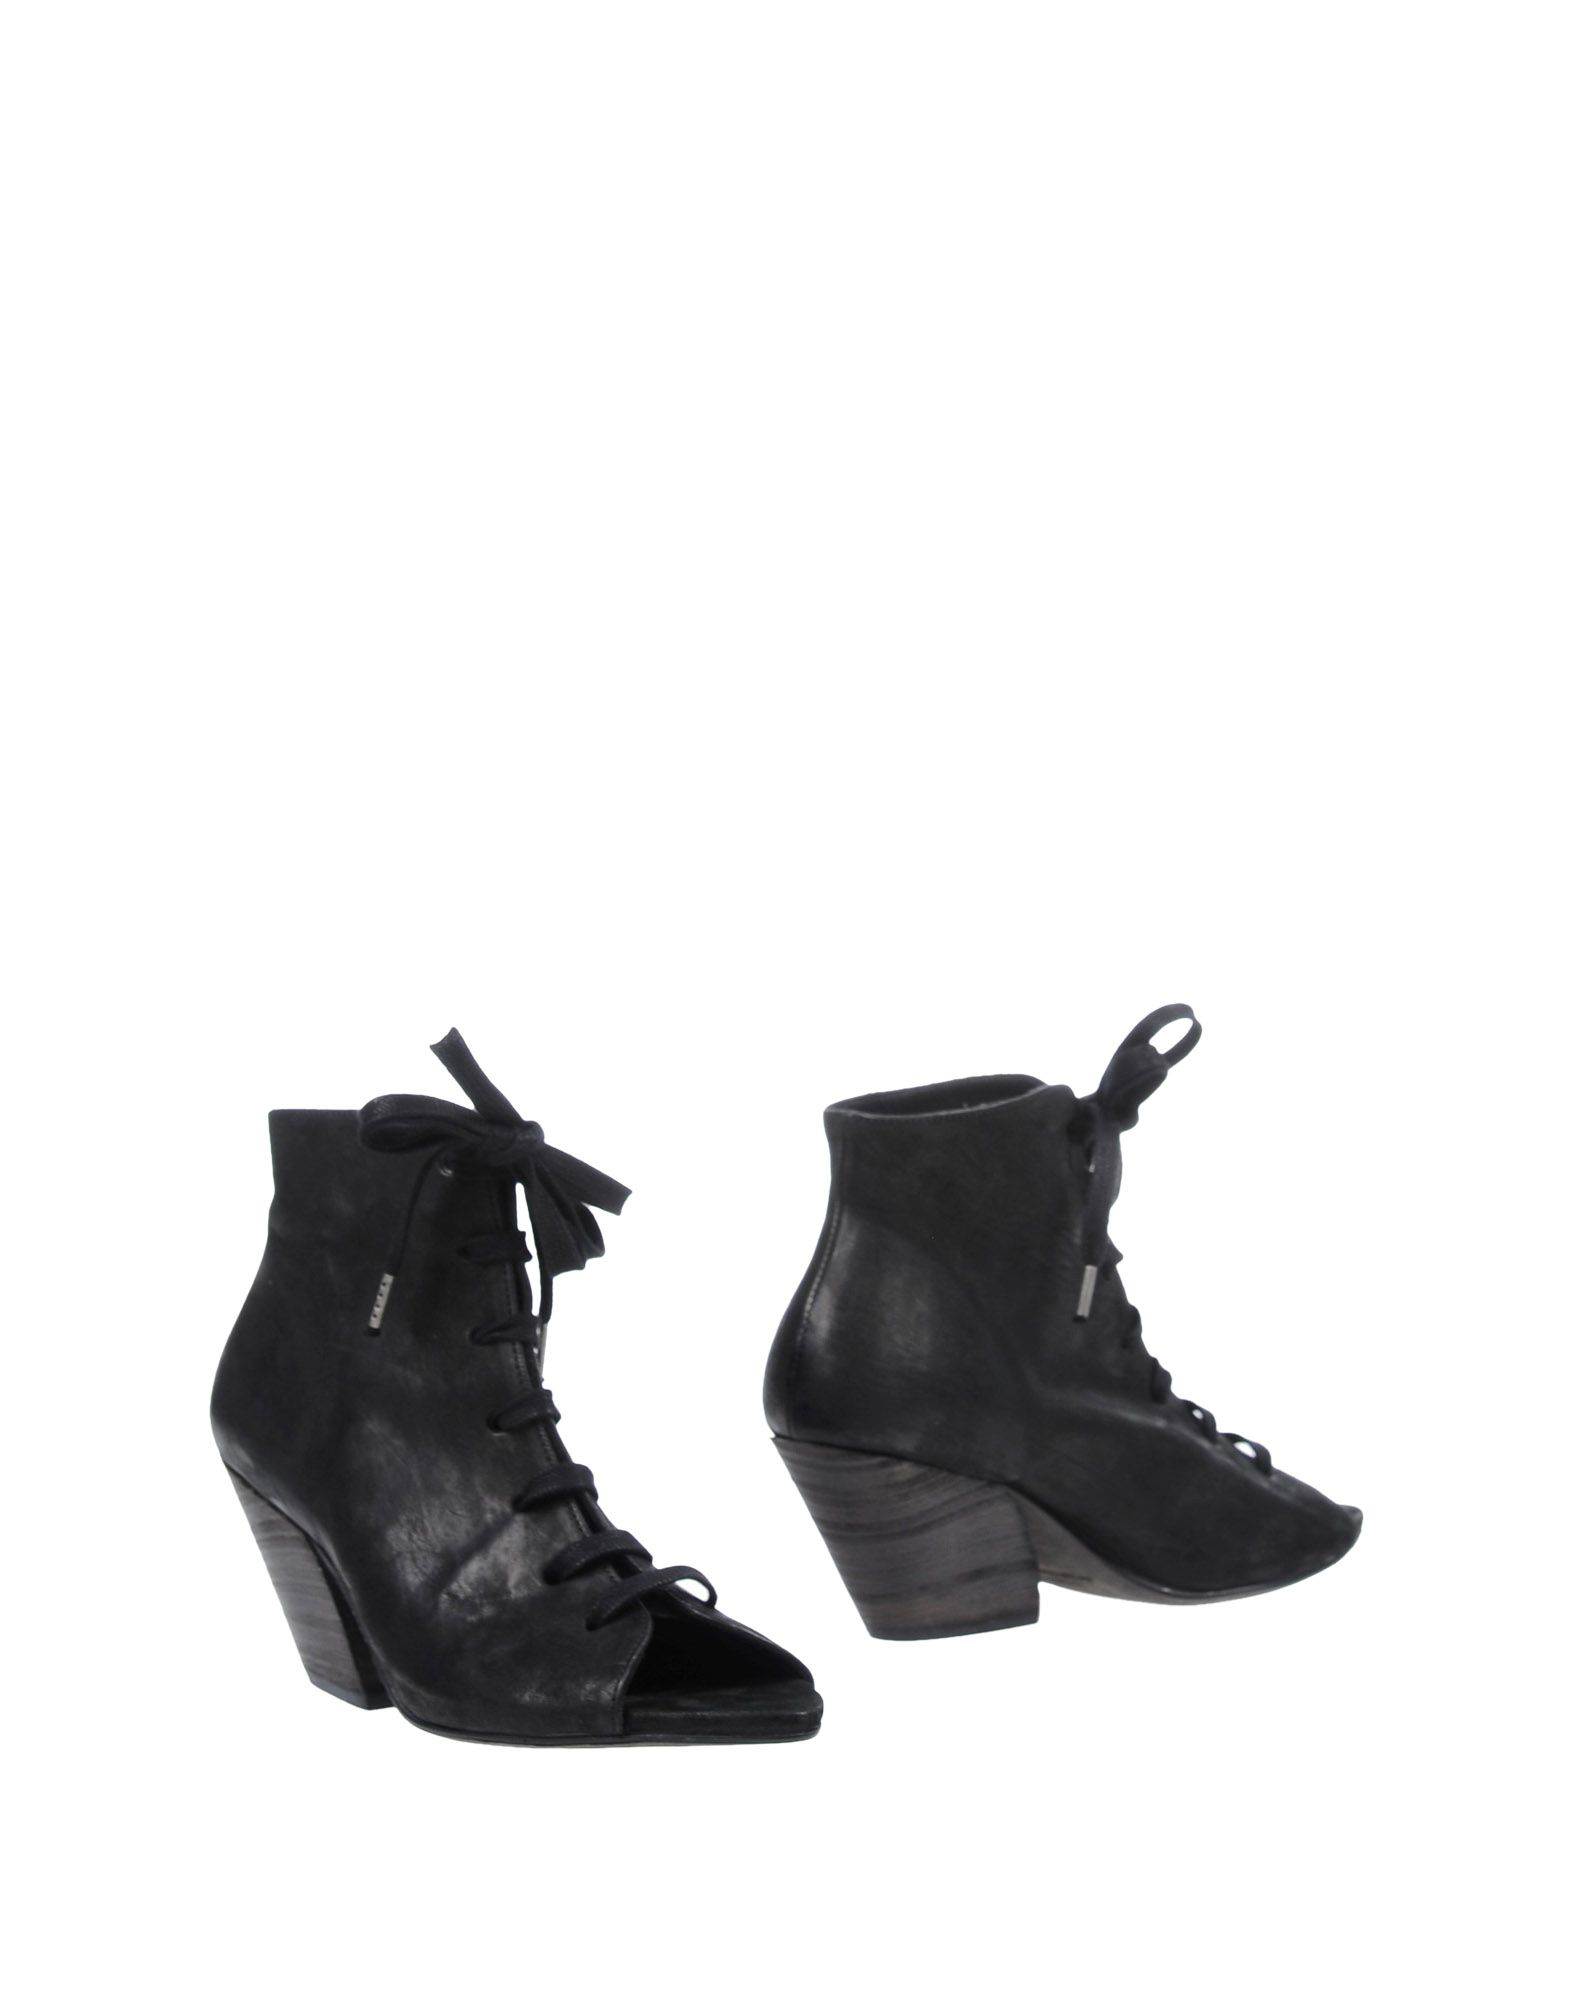 The Last Conspiracy Stiefelette Damen  11471514PM Gute Gute Gute Qualität beliebte Schuhe ee336c